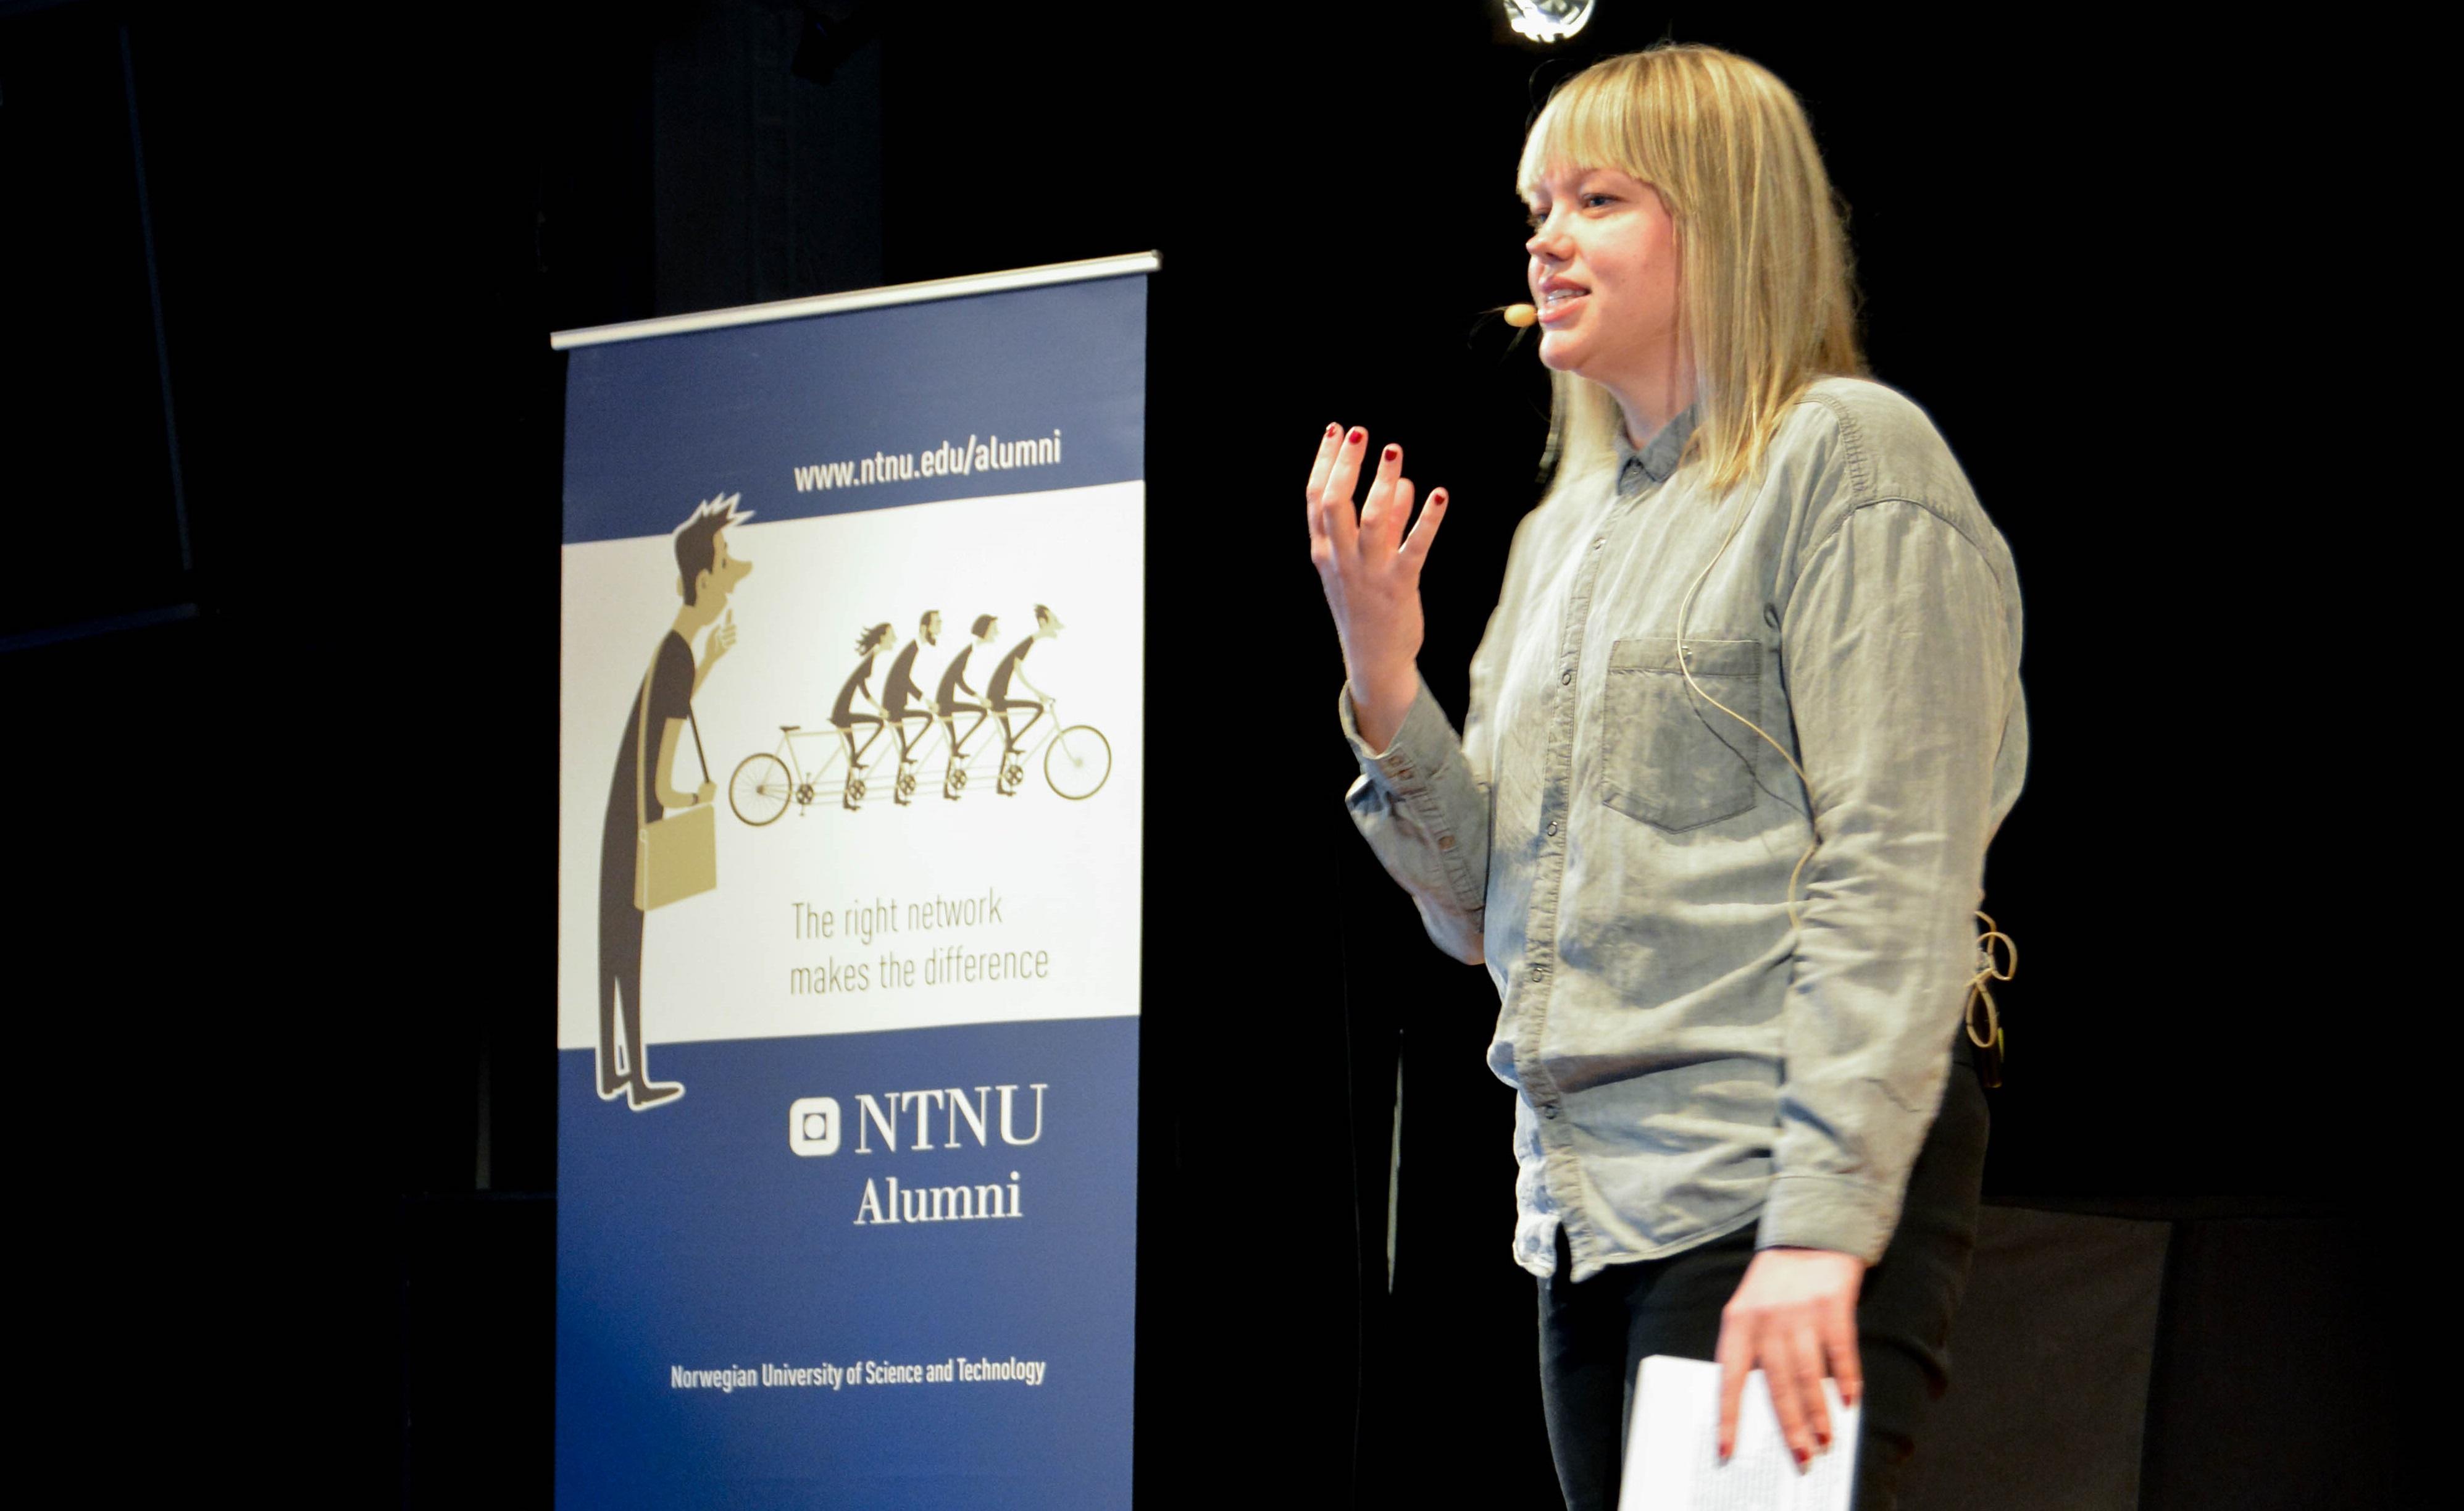 Alumn står på scenen og snakker til studentene. Foto: Stine Krogh Hagen